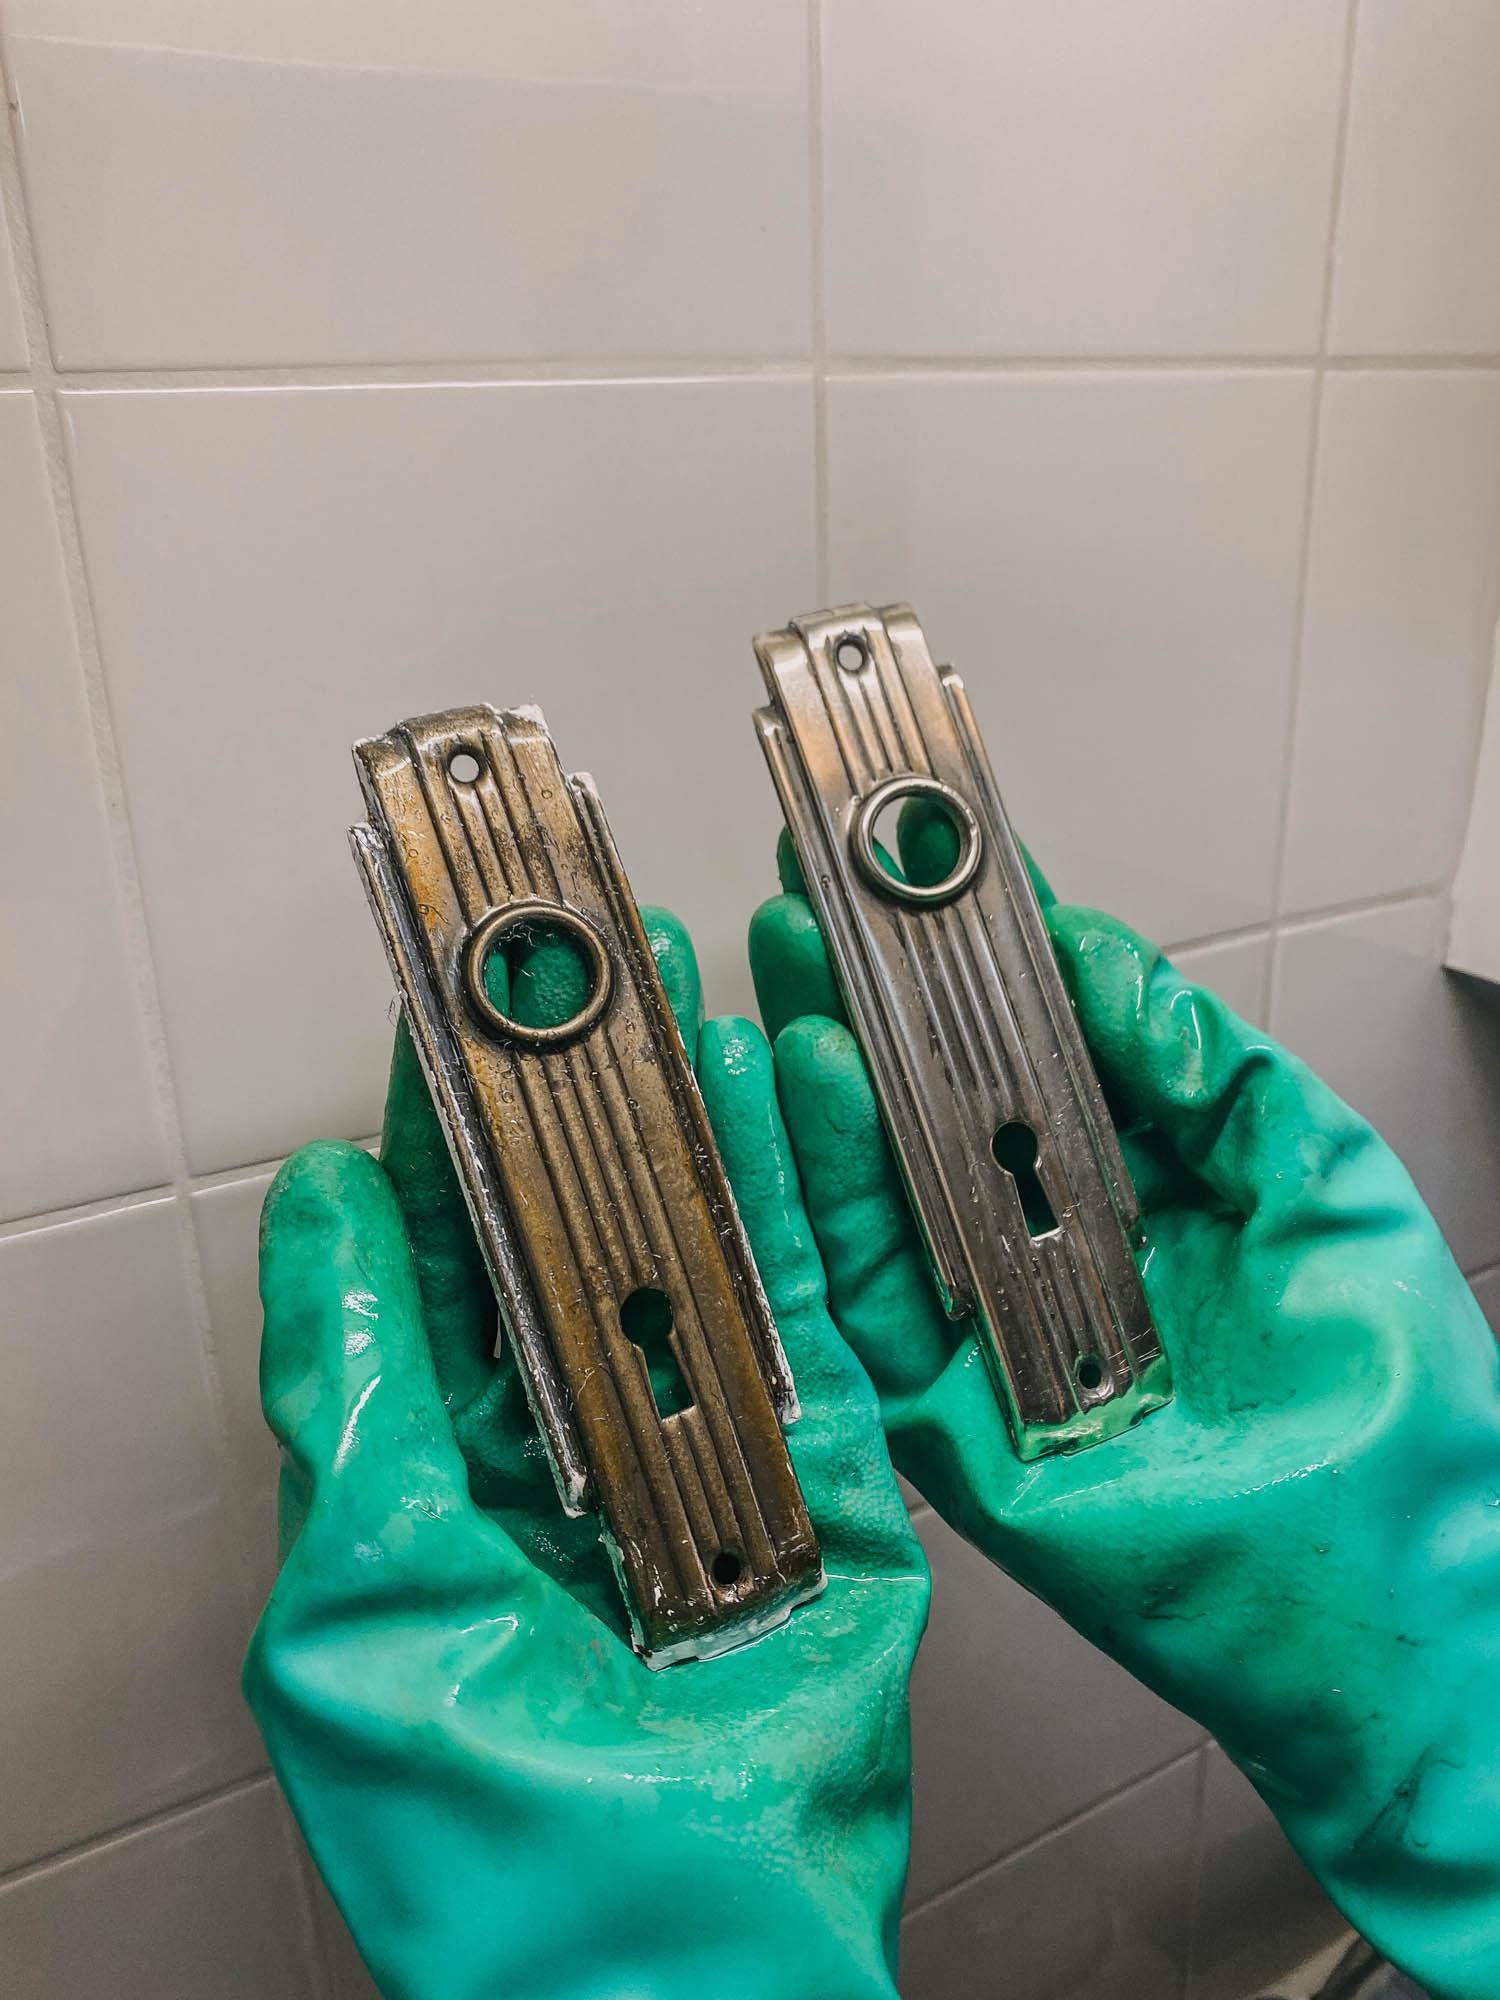 Cleaning vintage door hardware